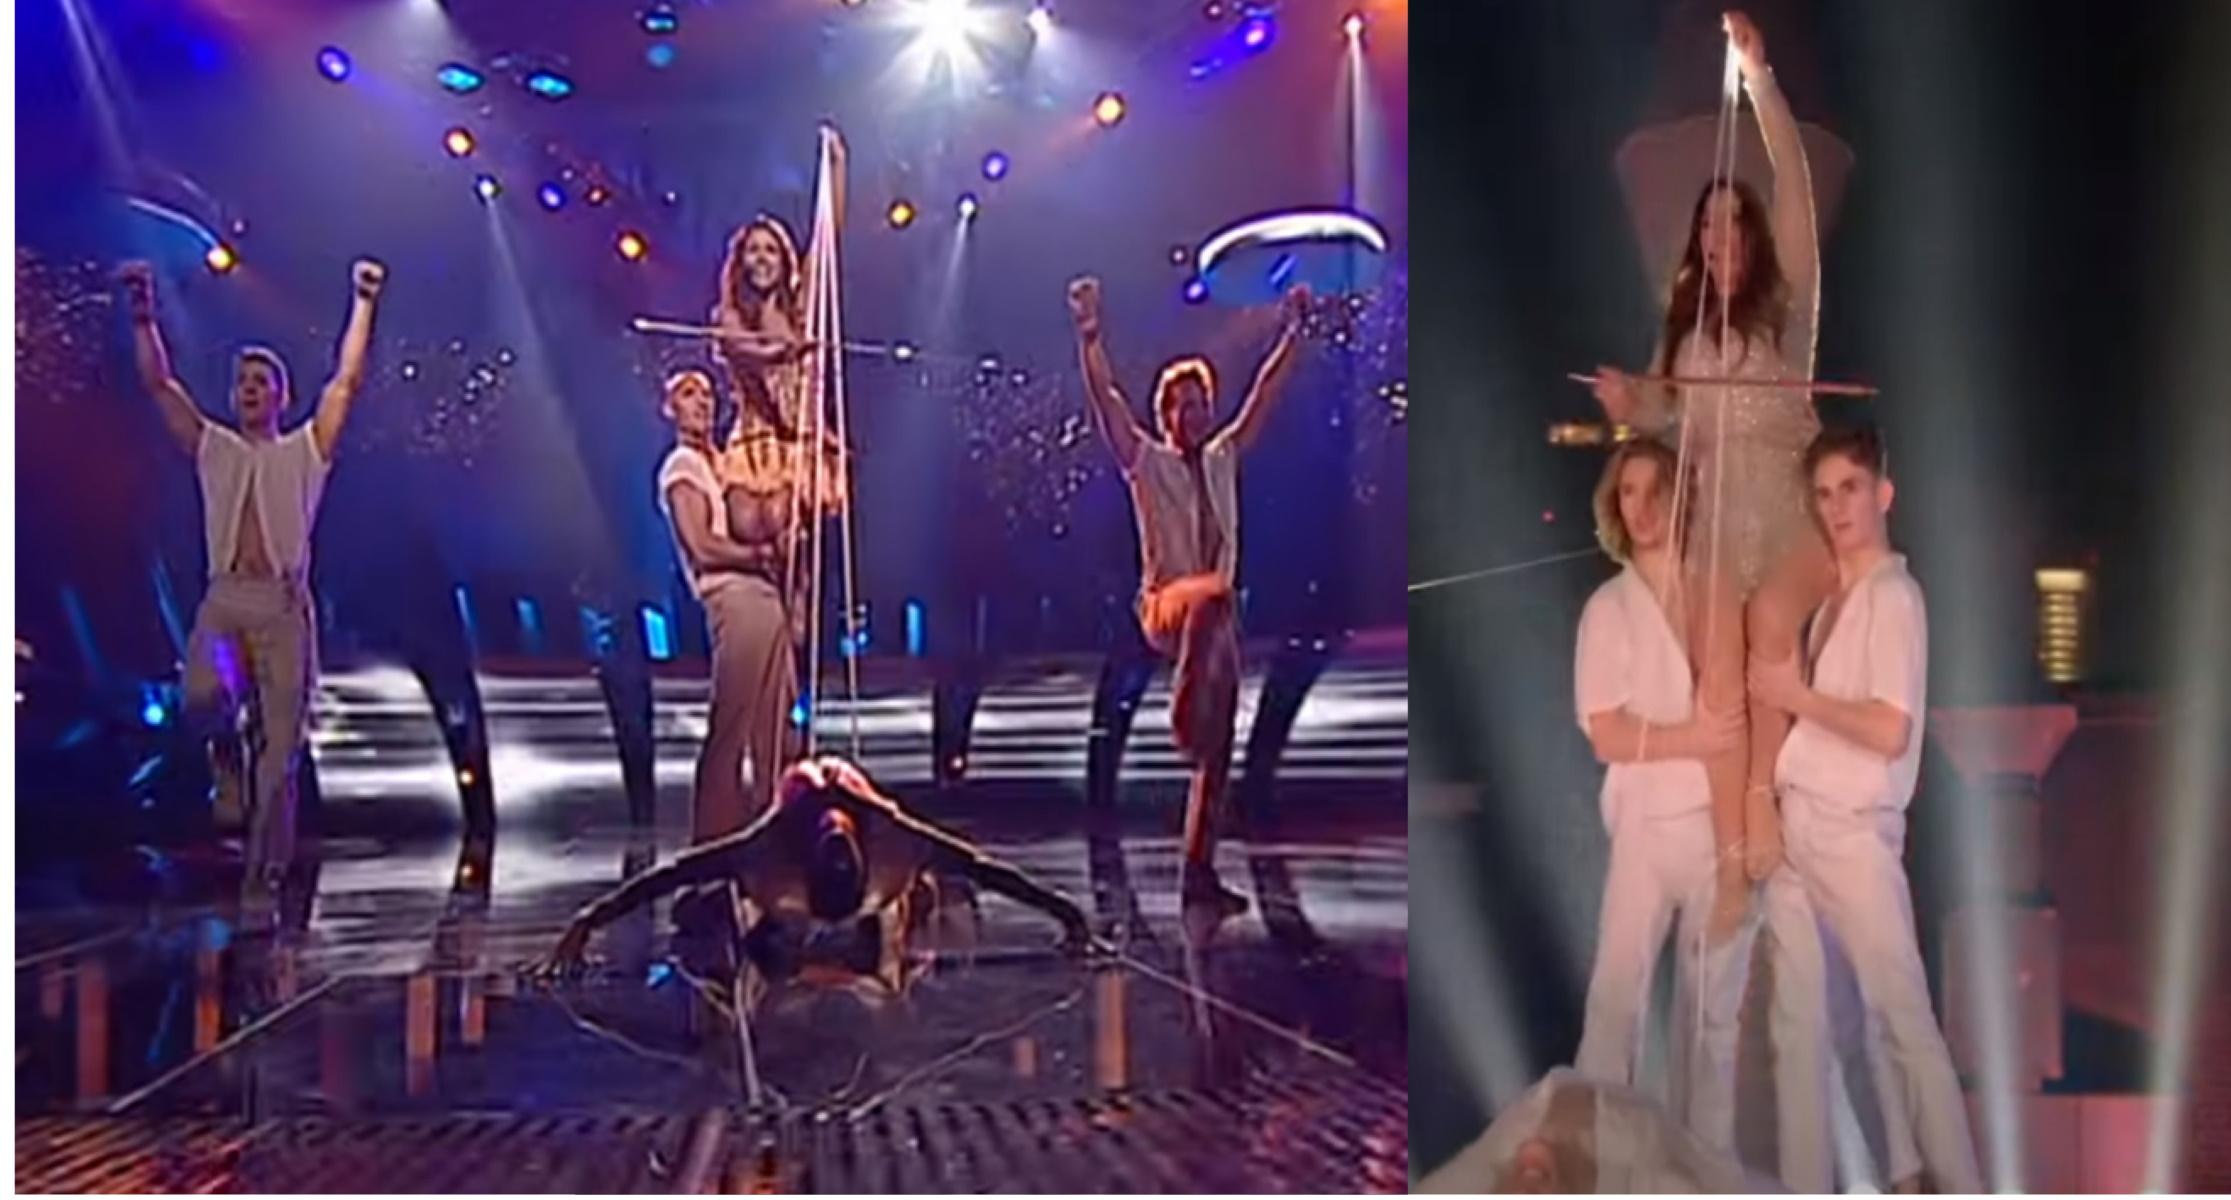 Eurovision 2021 – Έλενα Παπαρίζου: Από την σκηνή του Κιέβου στην ταράτσα του Ρότερνταμ (video)